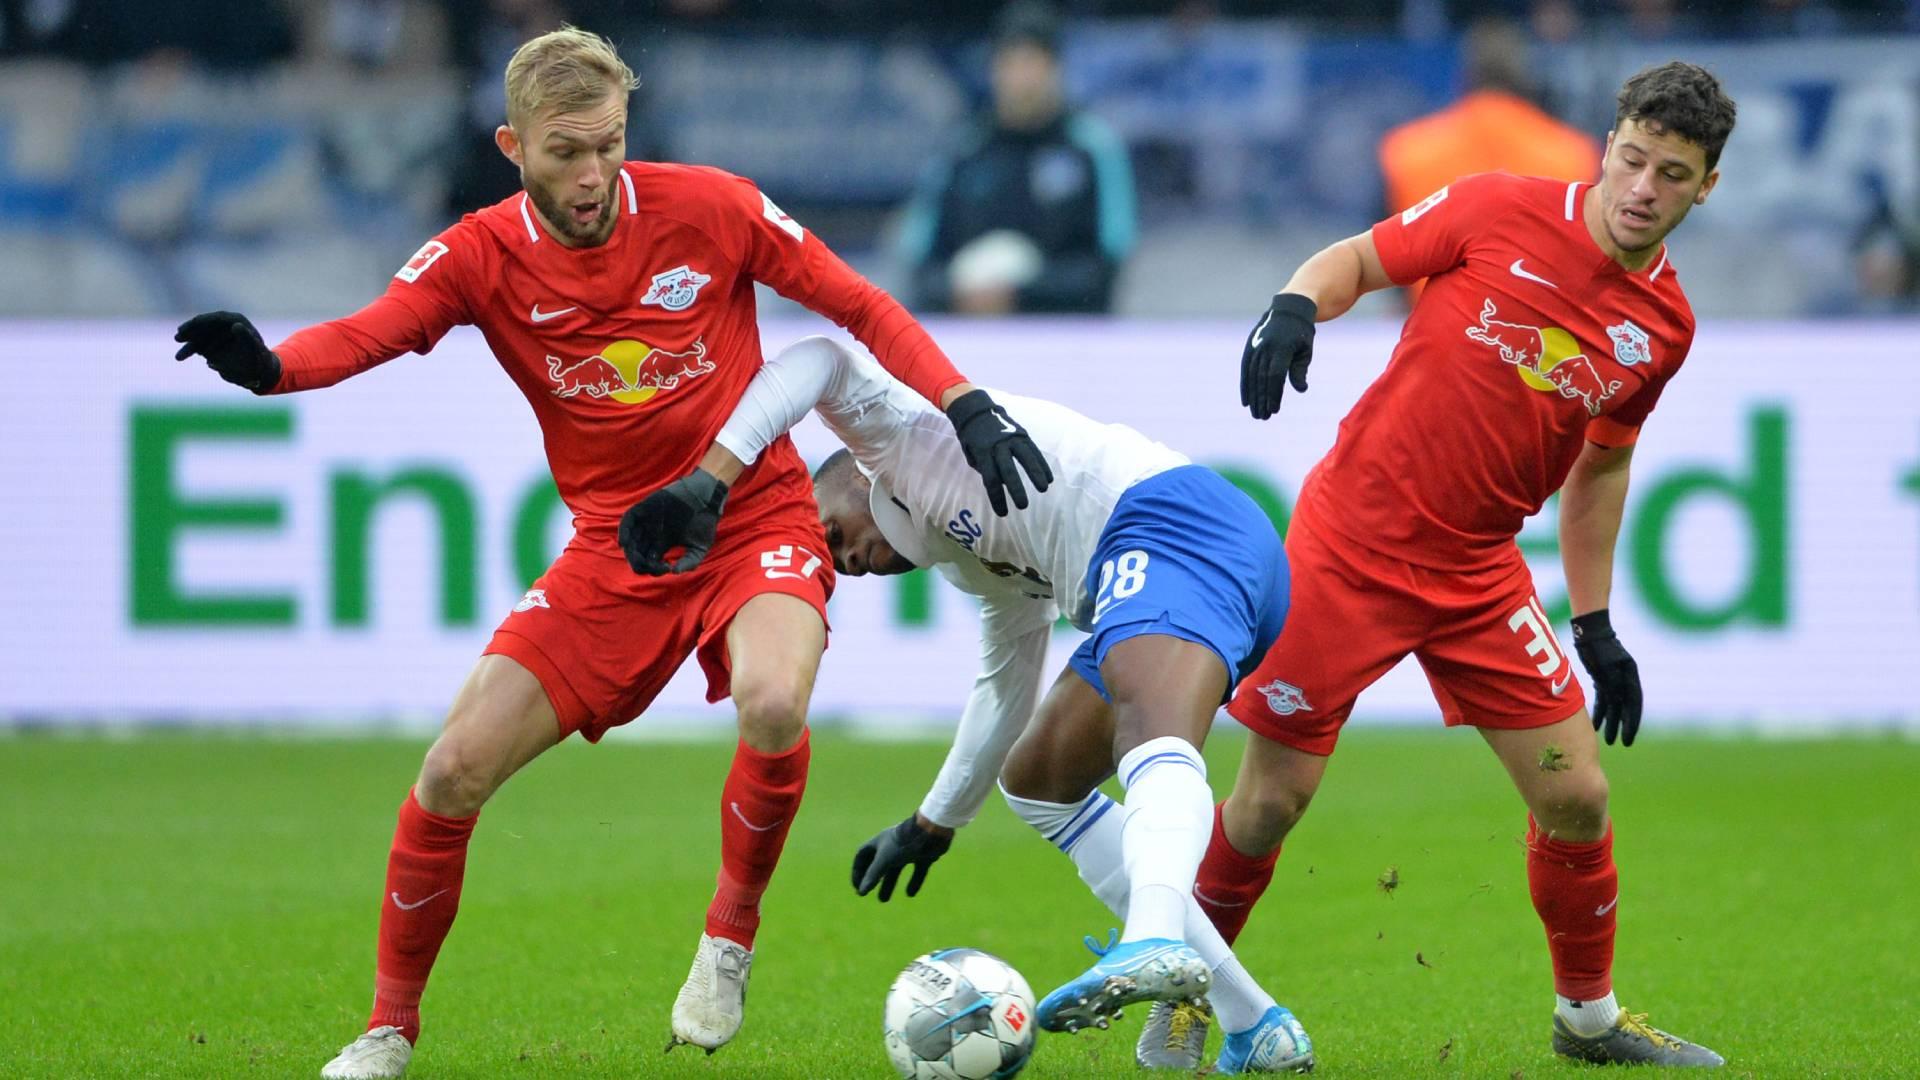 Spielstand Hertha Heute